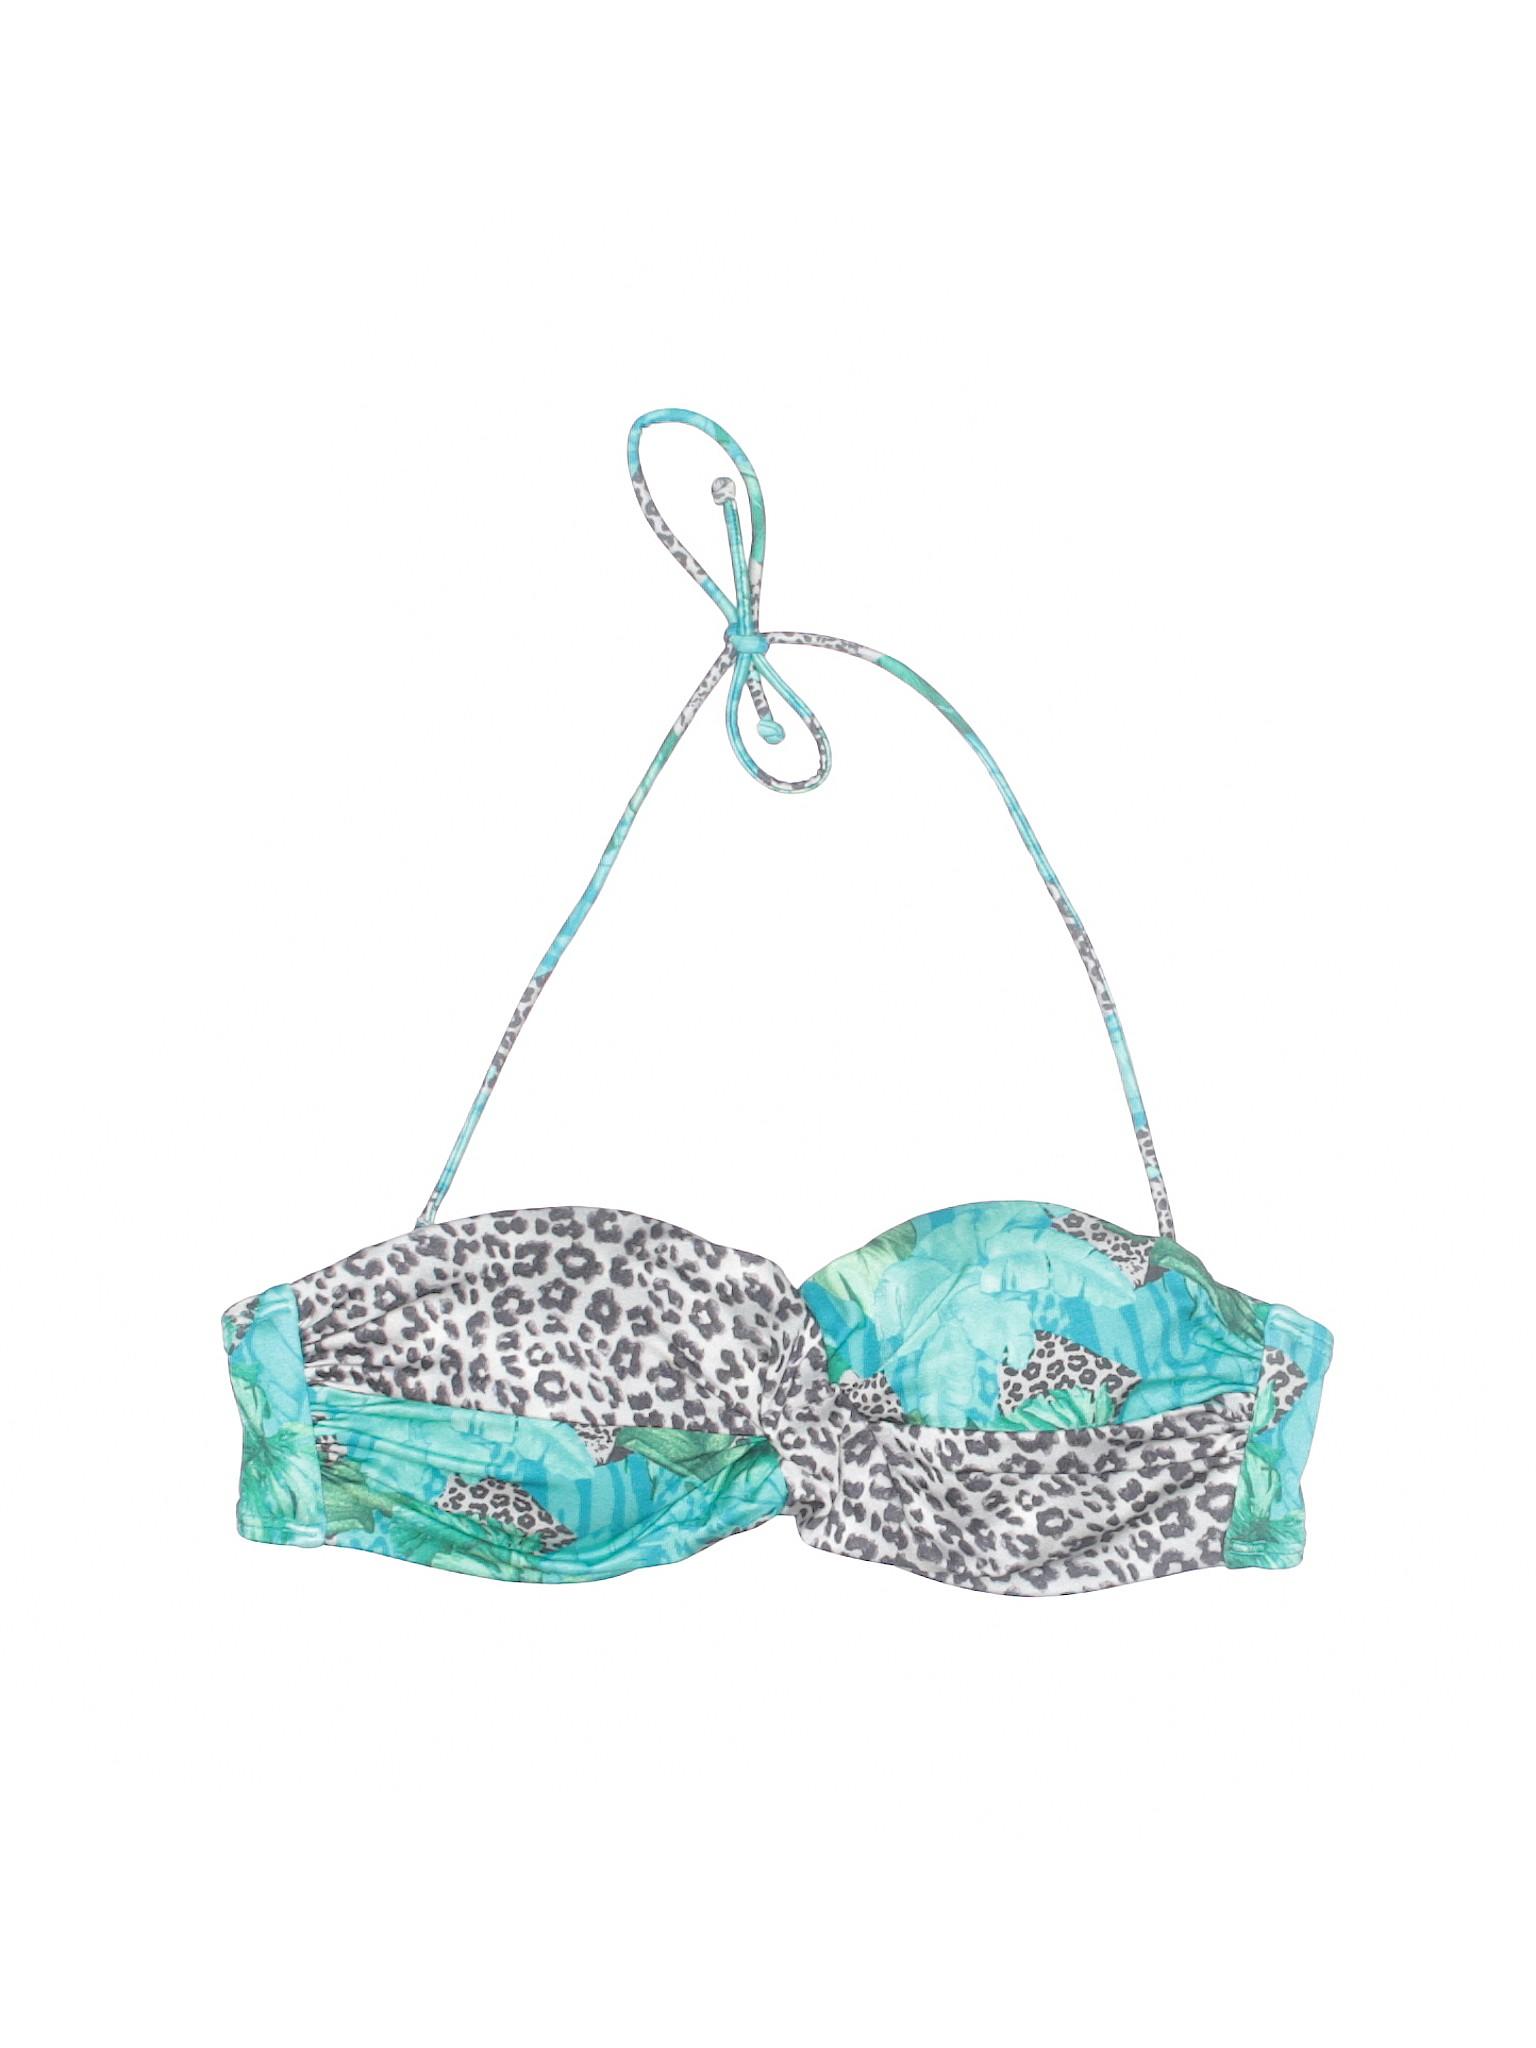 Boutique Victoria's Victoria's Boutique Secret Boutique Swimsuit Secret Swimsuit Top Victoria's Top Secret Swimsuit An8x6